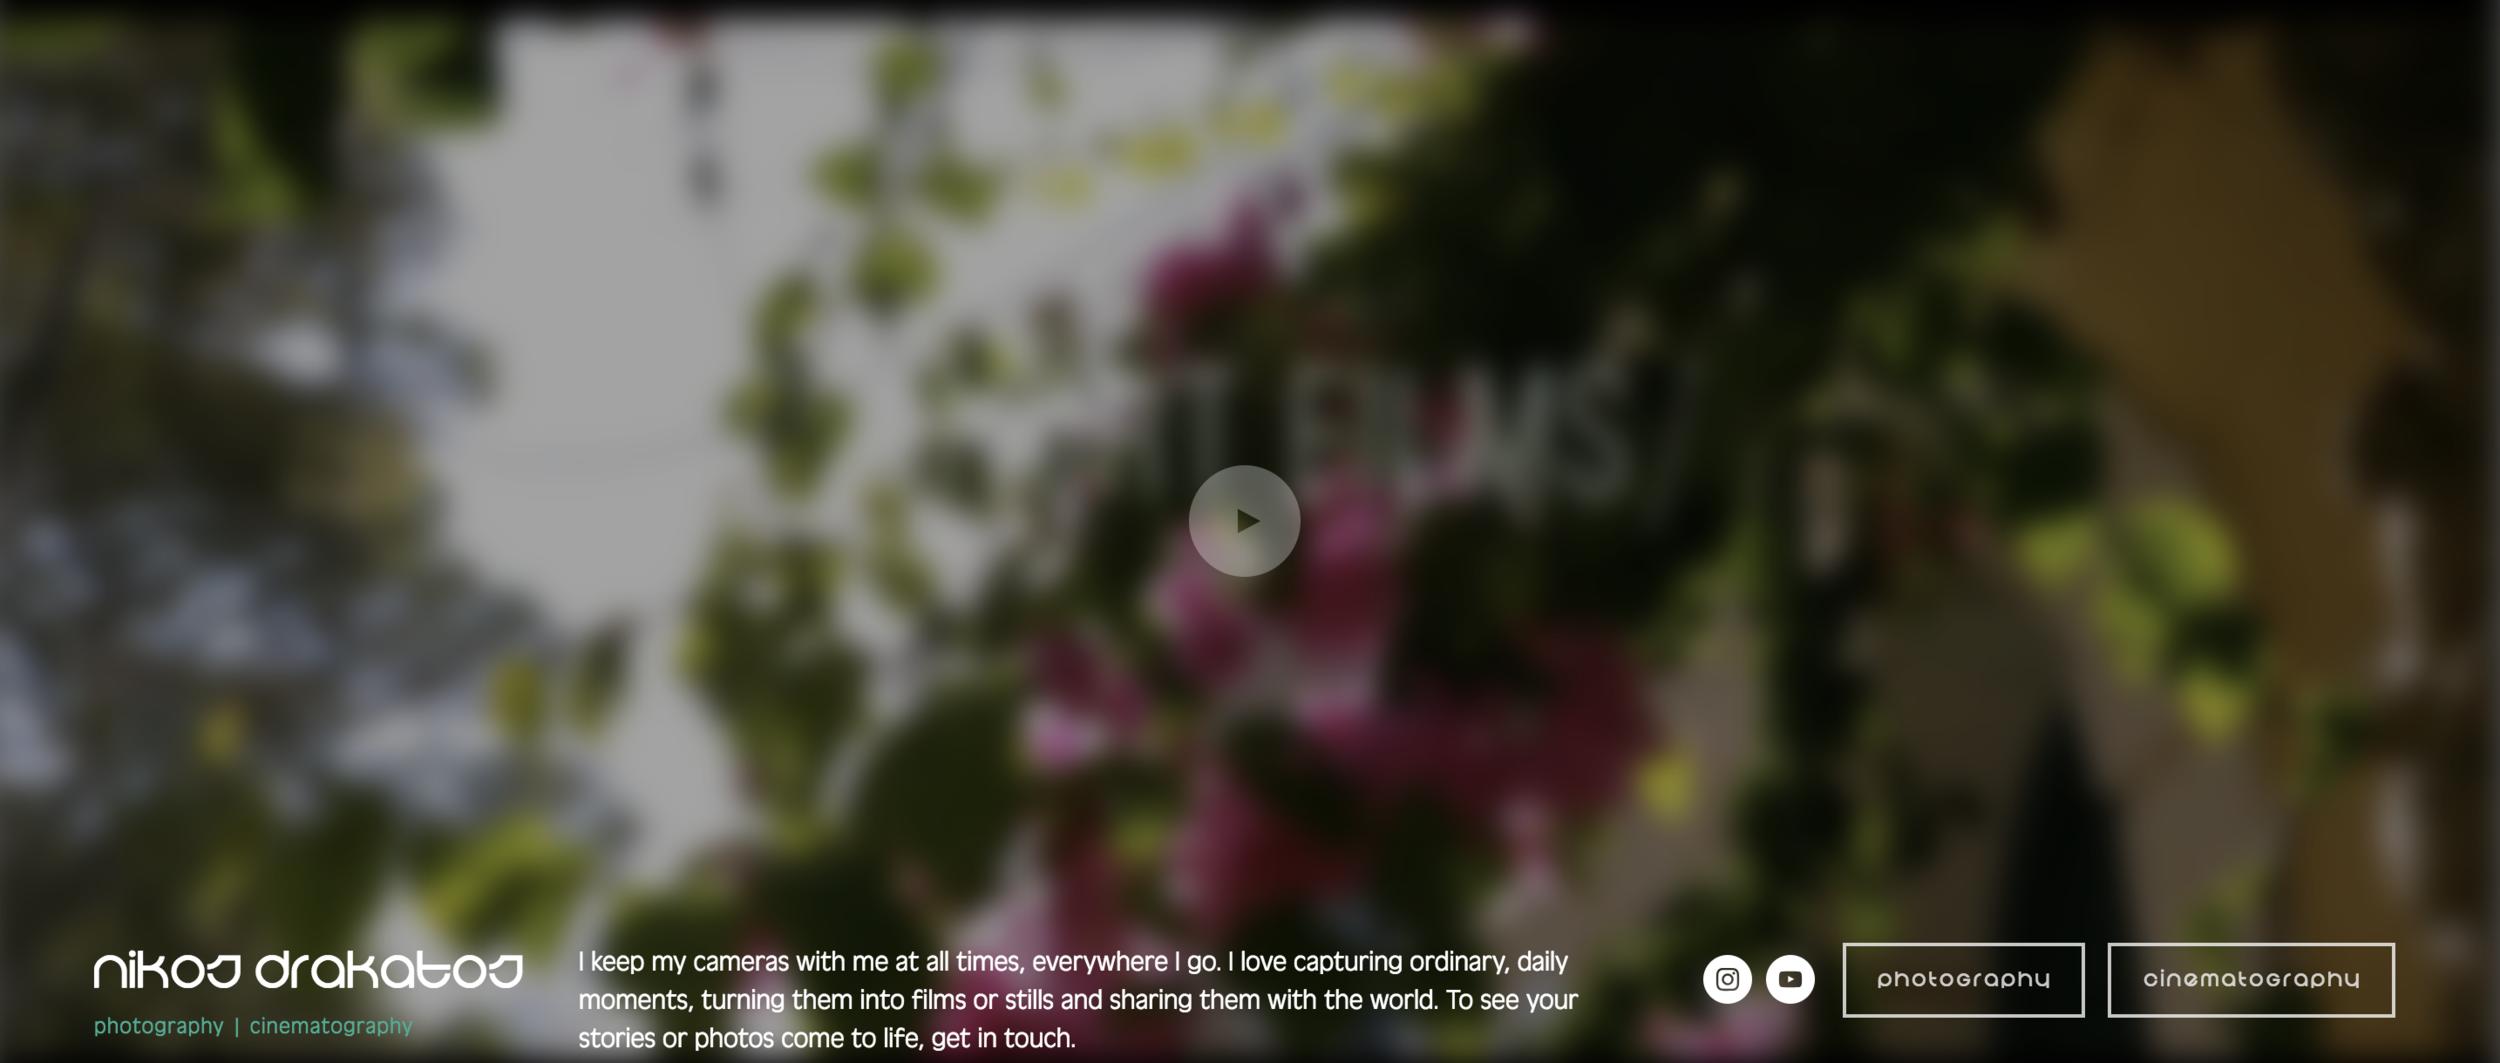 Screen Shot 2019-01-02 at 16.45.40.png